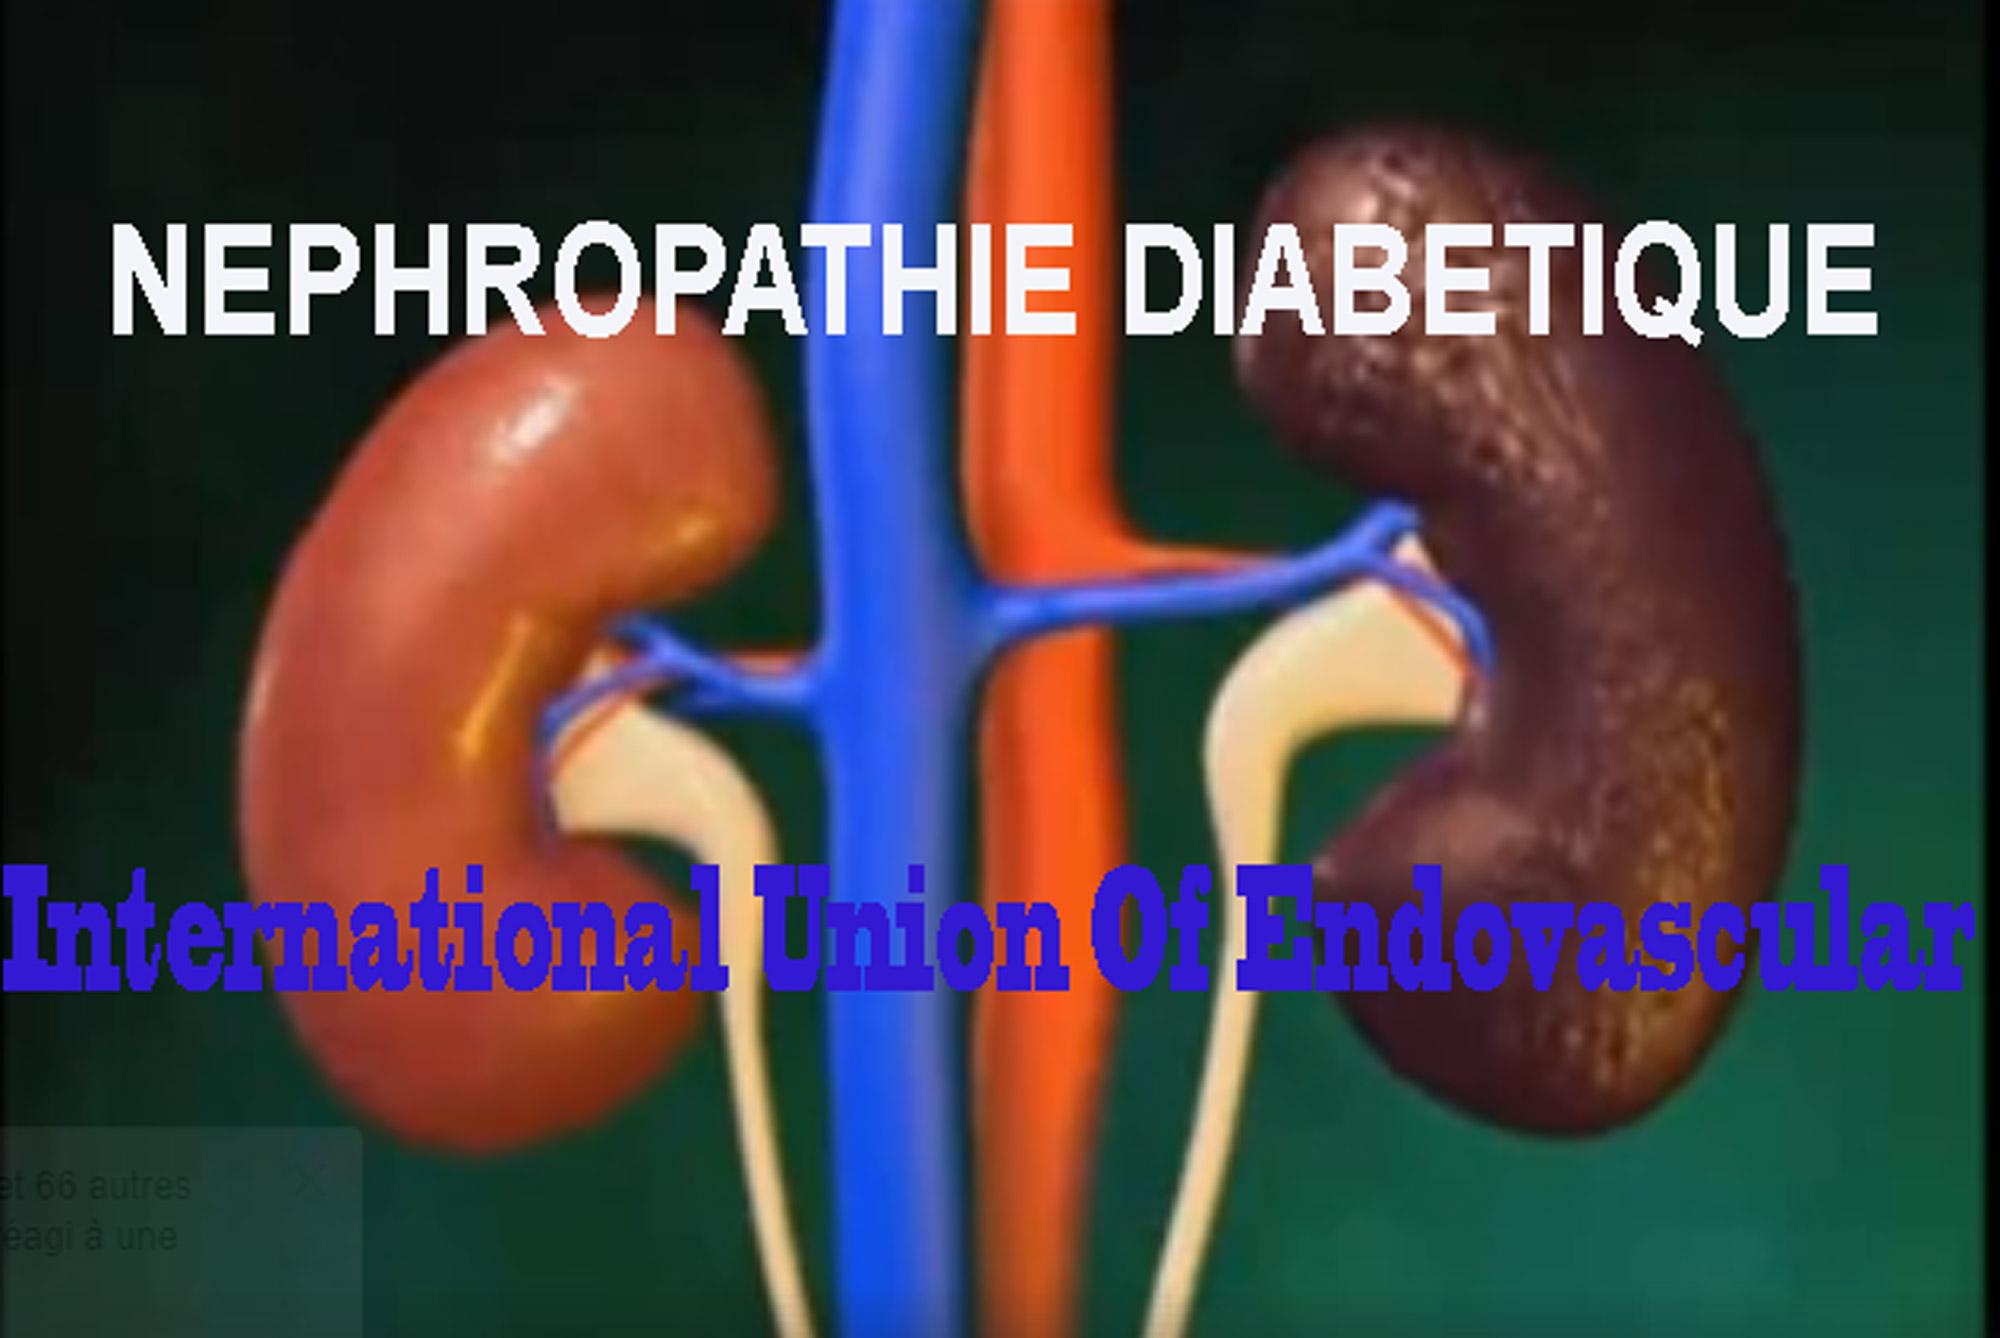 néphropathie diabétique has